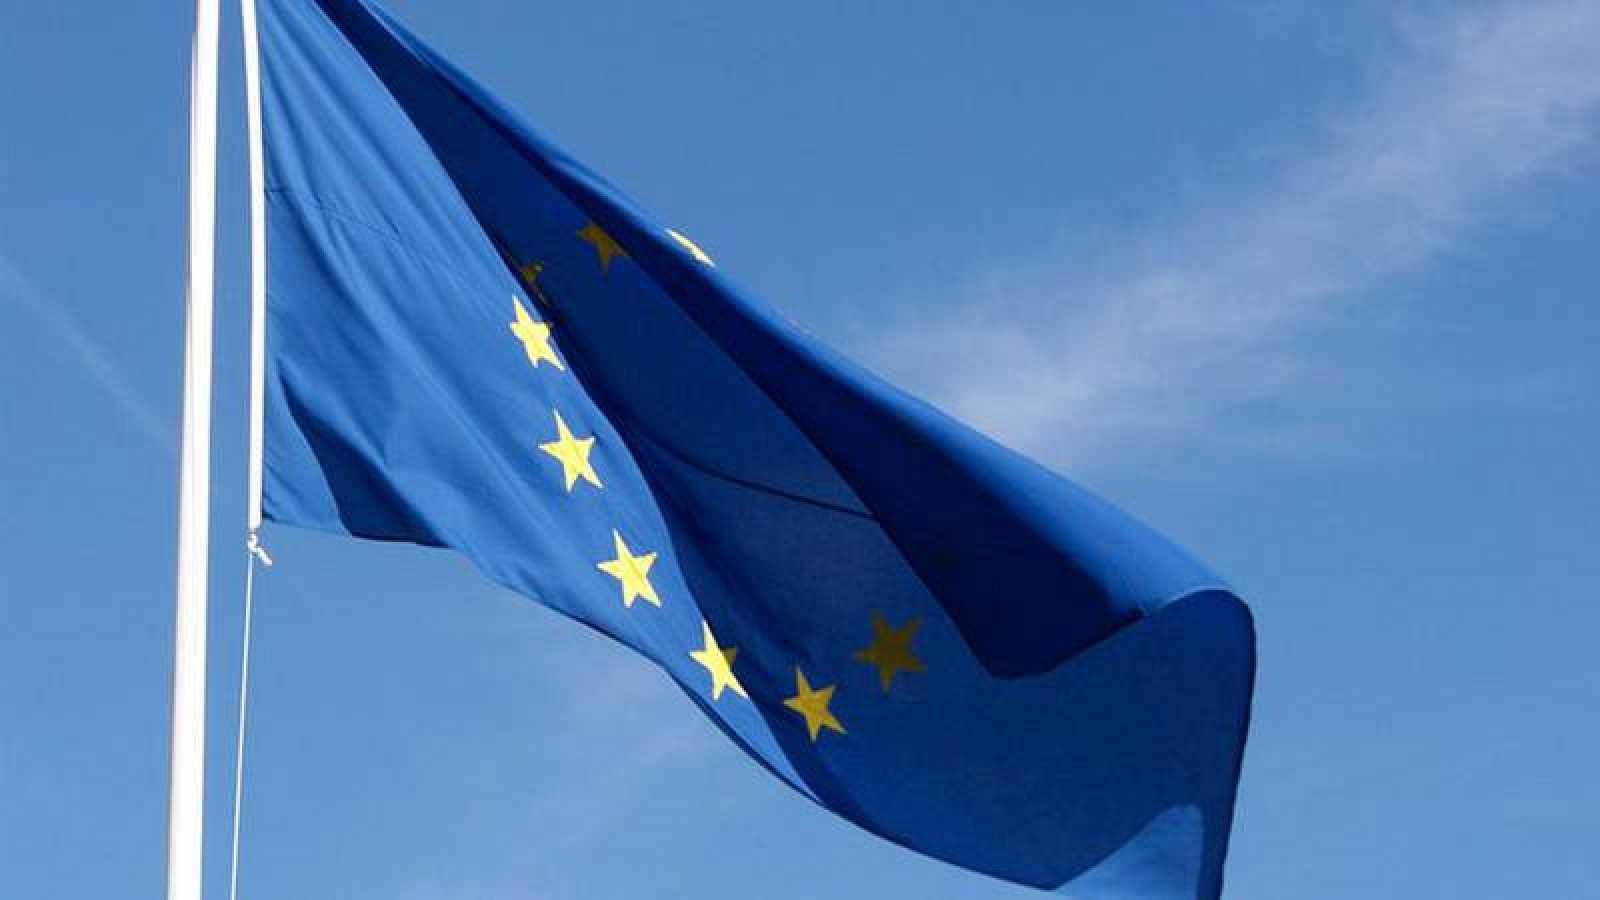 El Tratado de Maastricht introdujo hace un 25 años el concepto de ciudadanía europea en la legislación comunitaria.